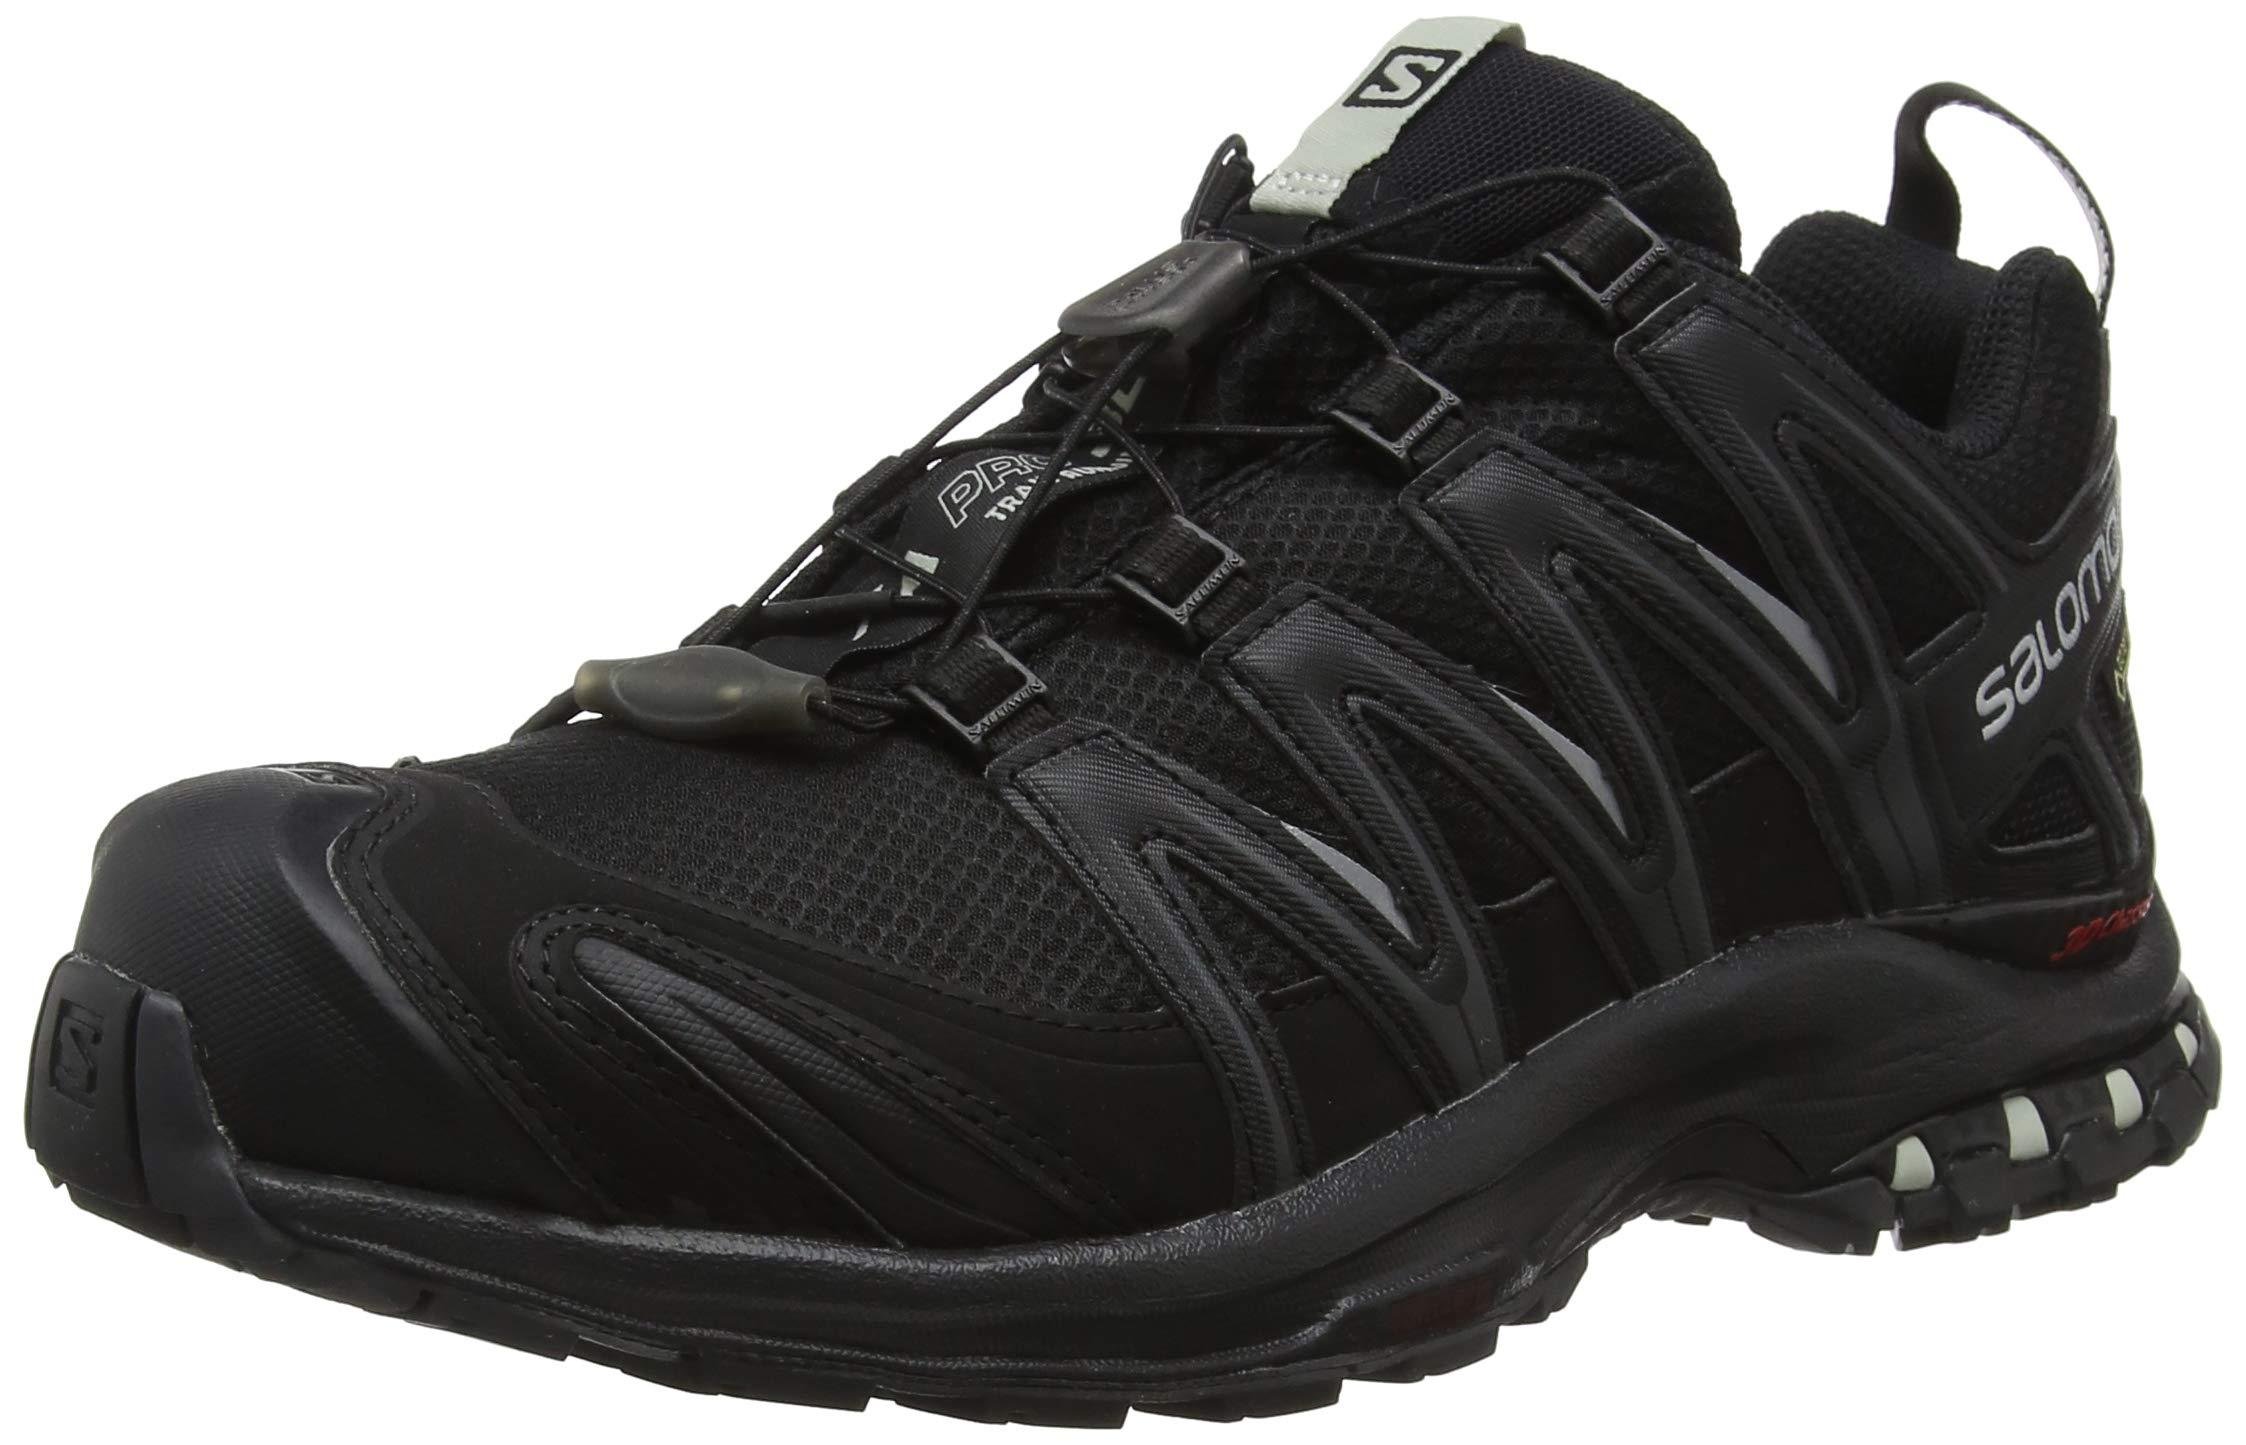 d43290888991 Salomon Women s Xa Pro 3D GTX Trail Running Shoes ...